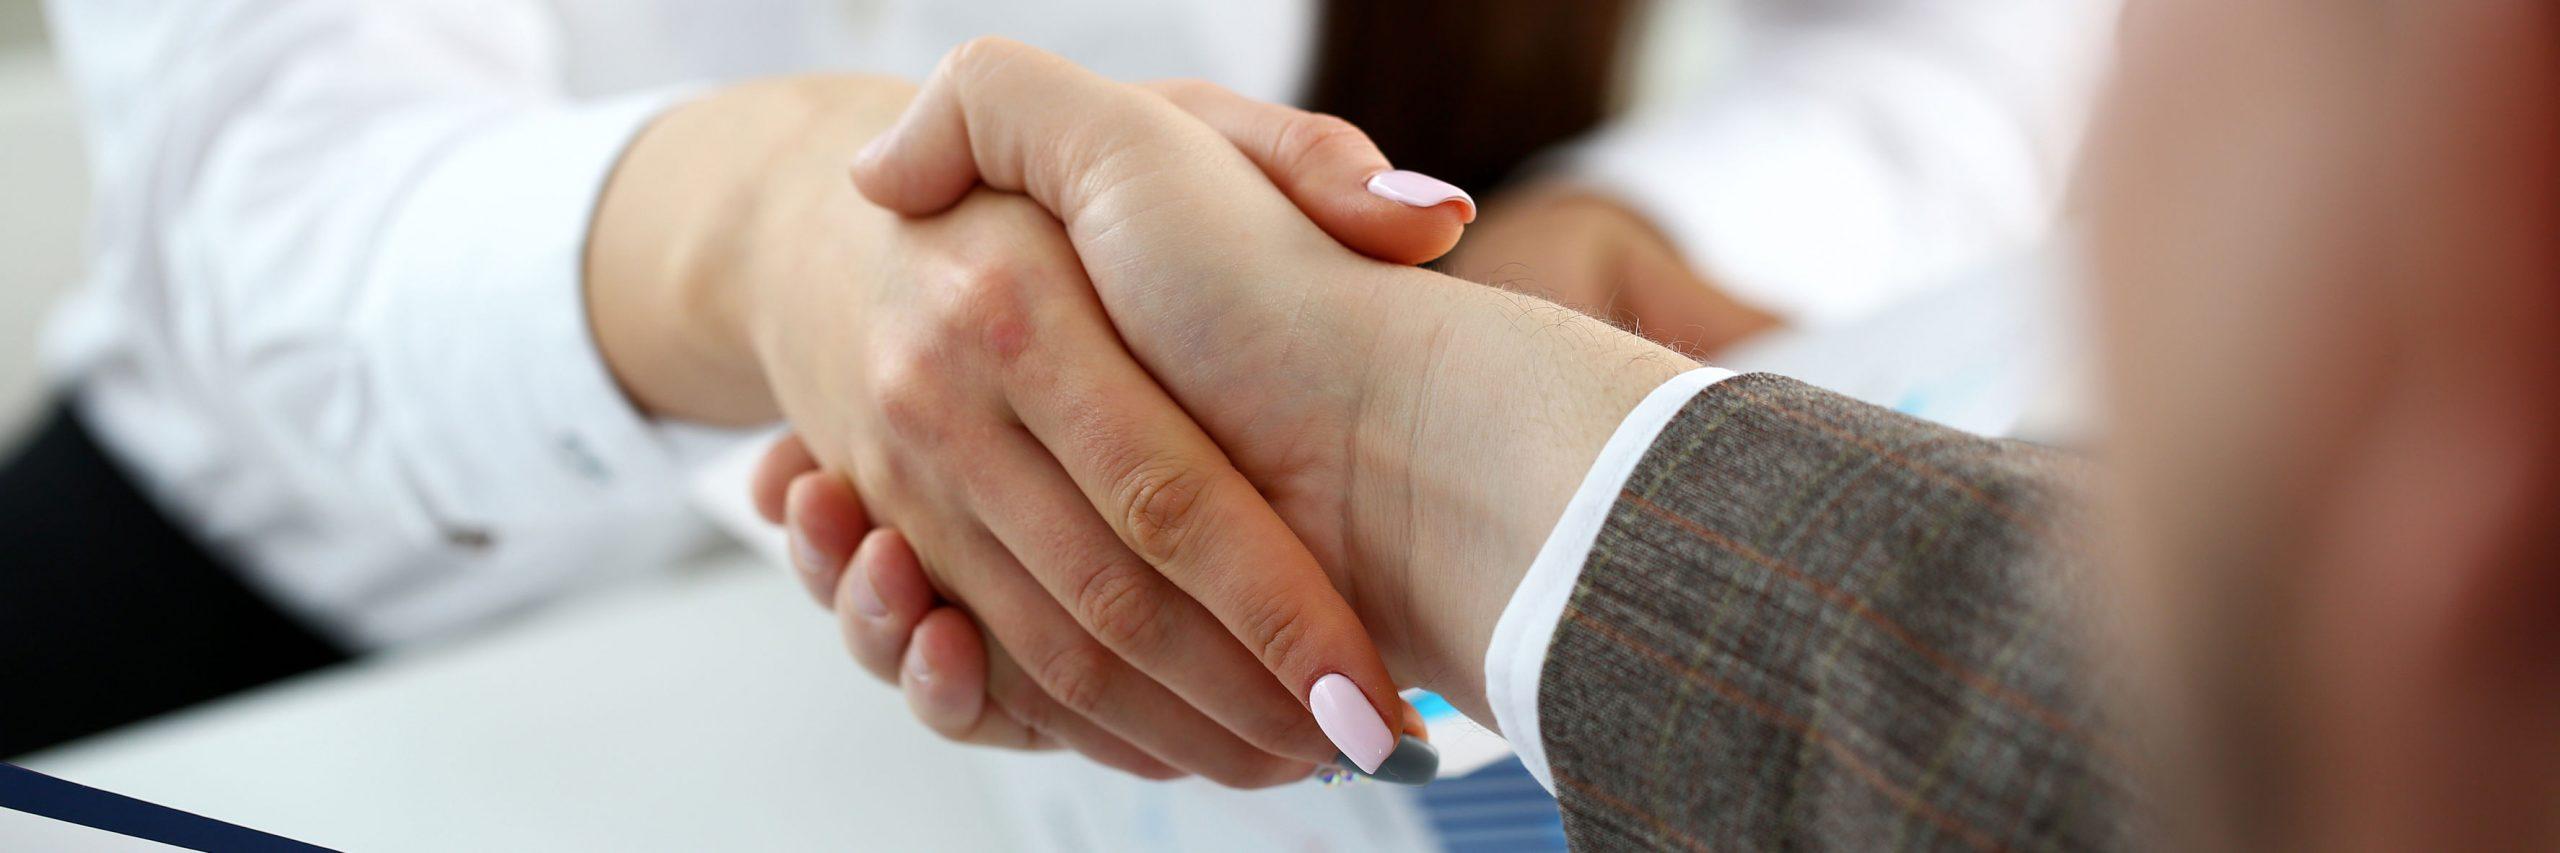 Partnerschaft, Vertrauen, Zusammenarbeit